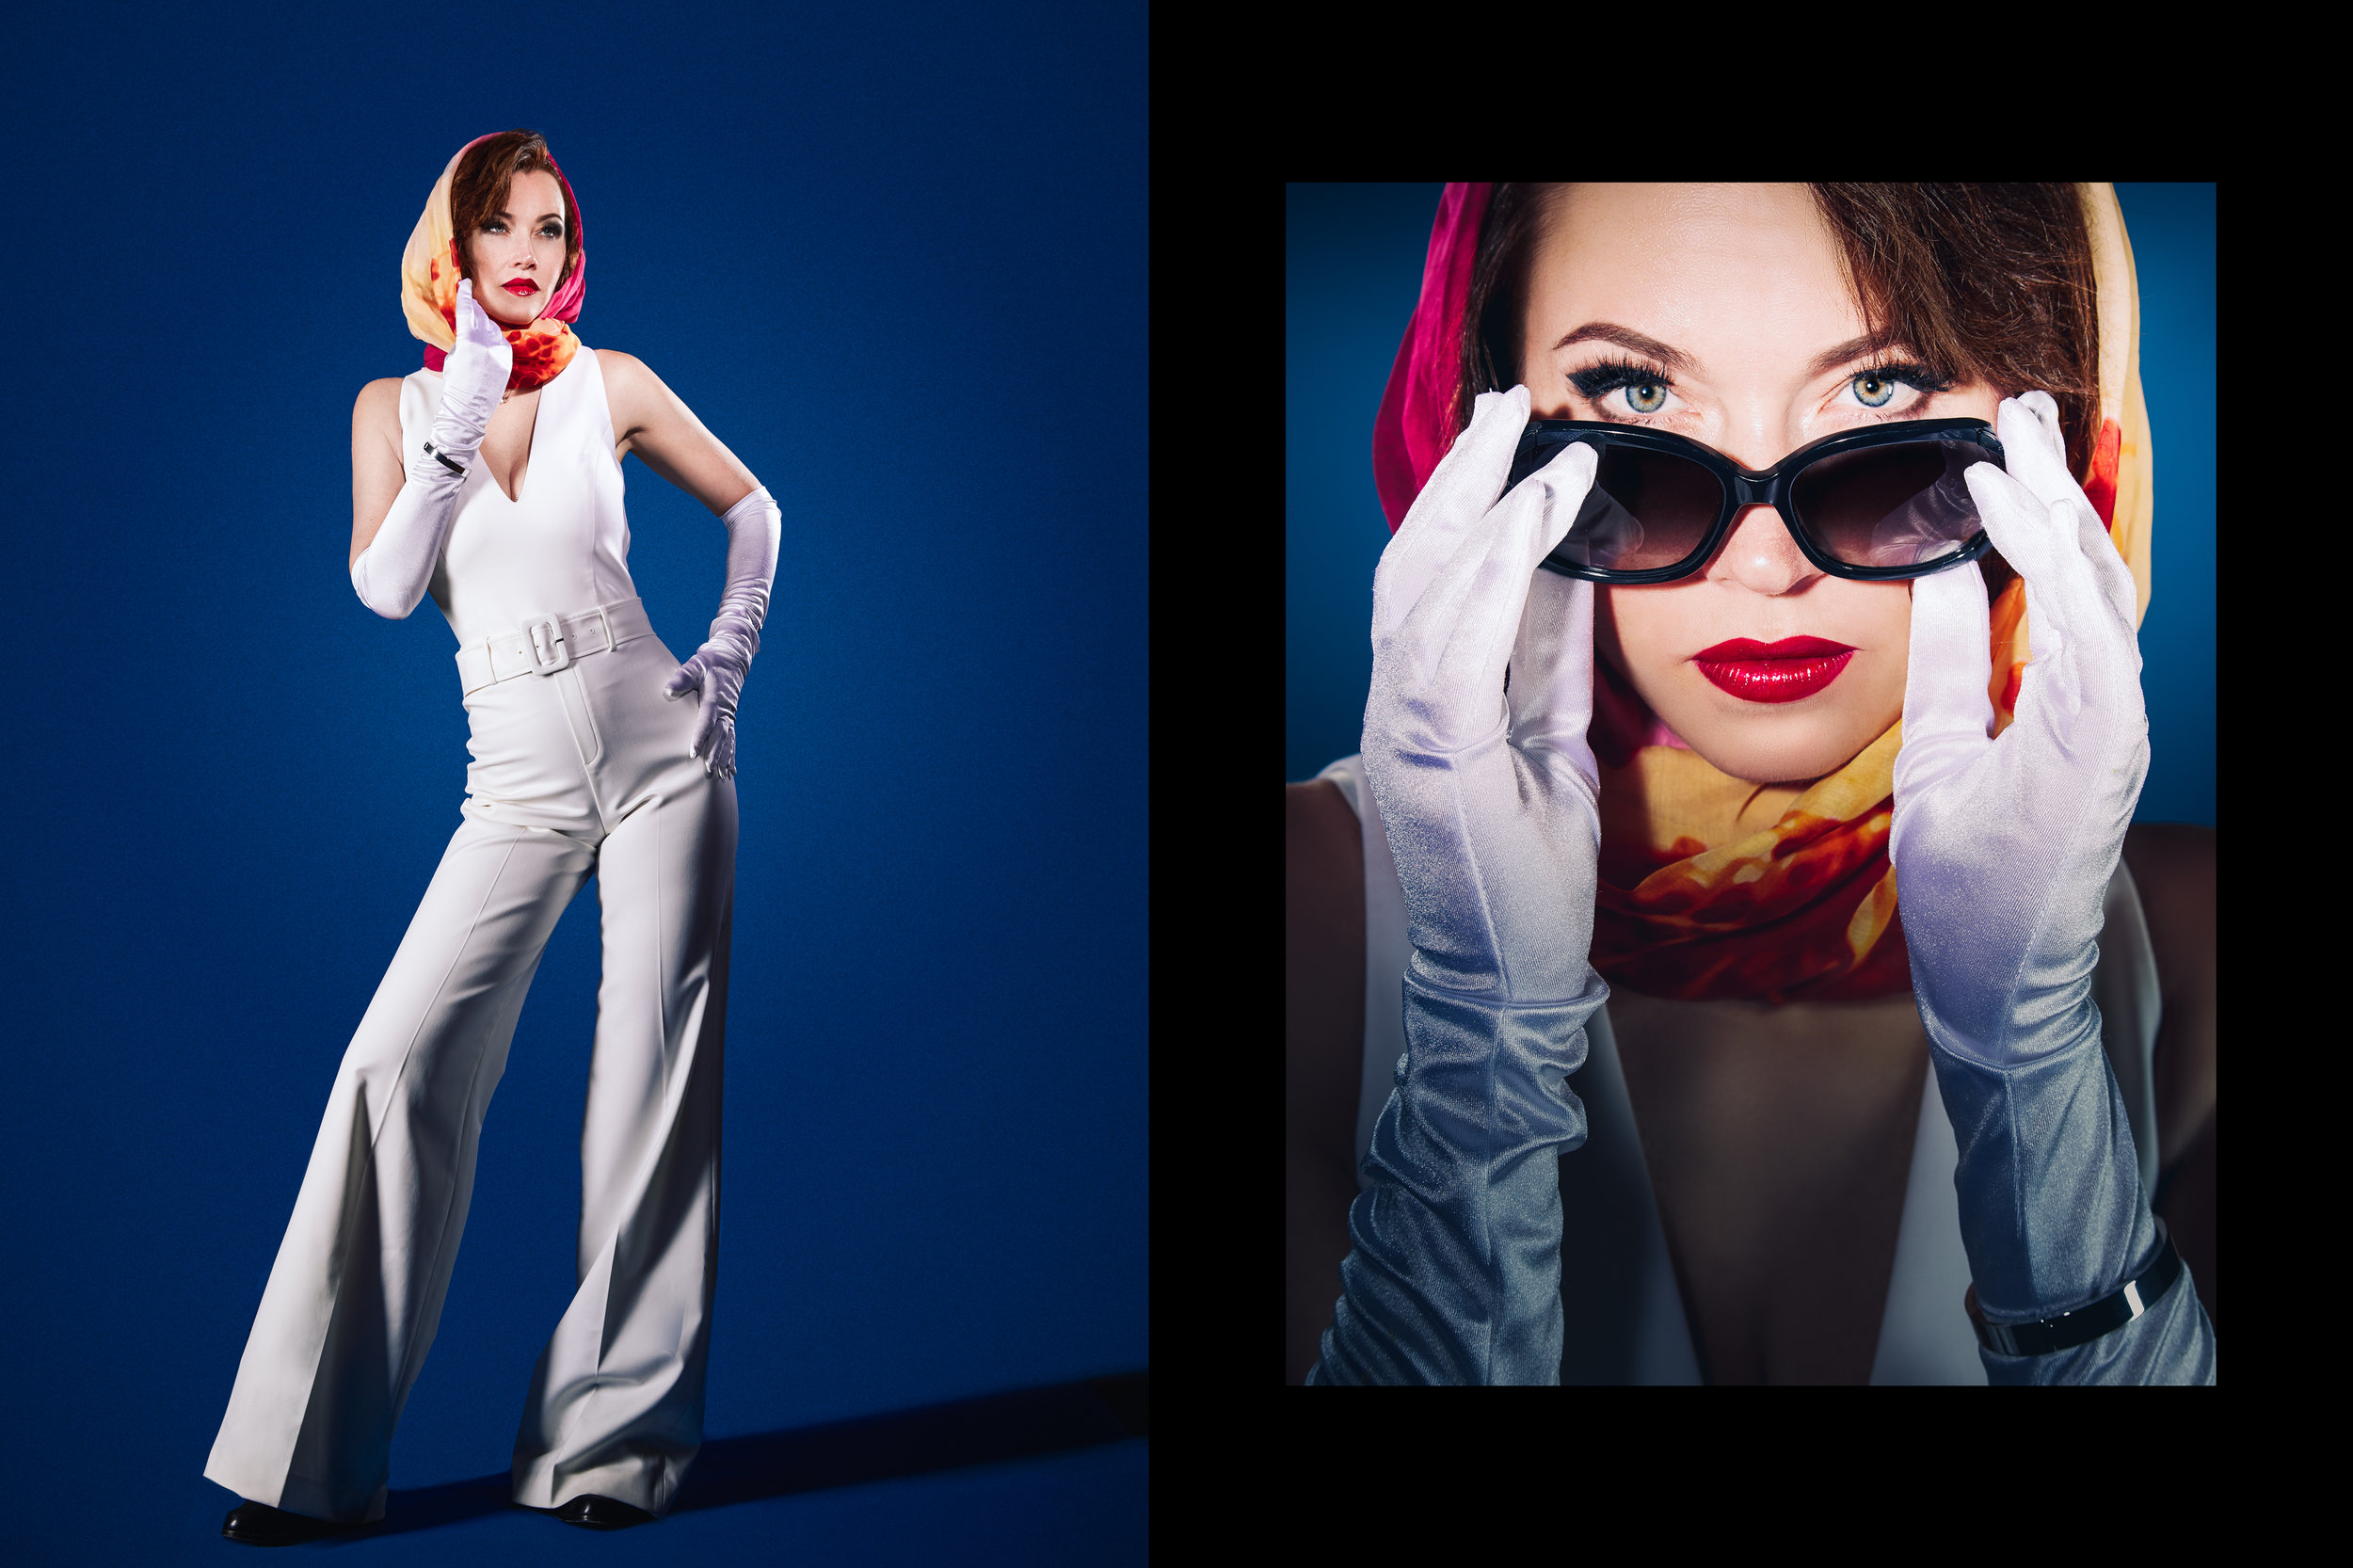 белый костюм0831_7.jpg